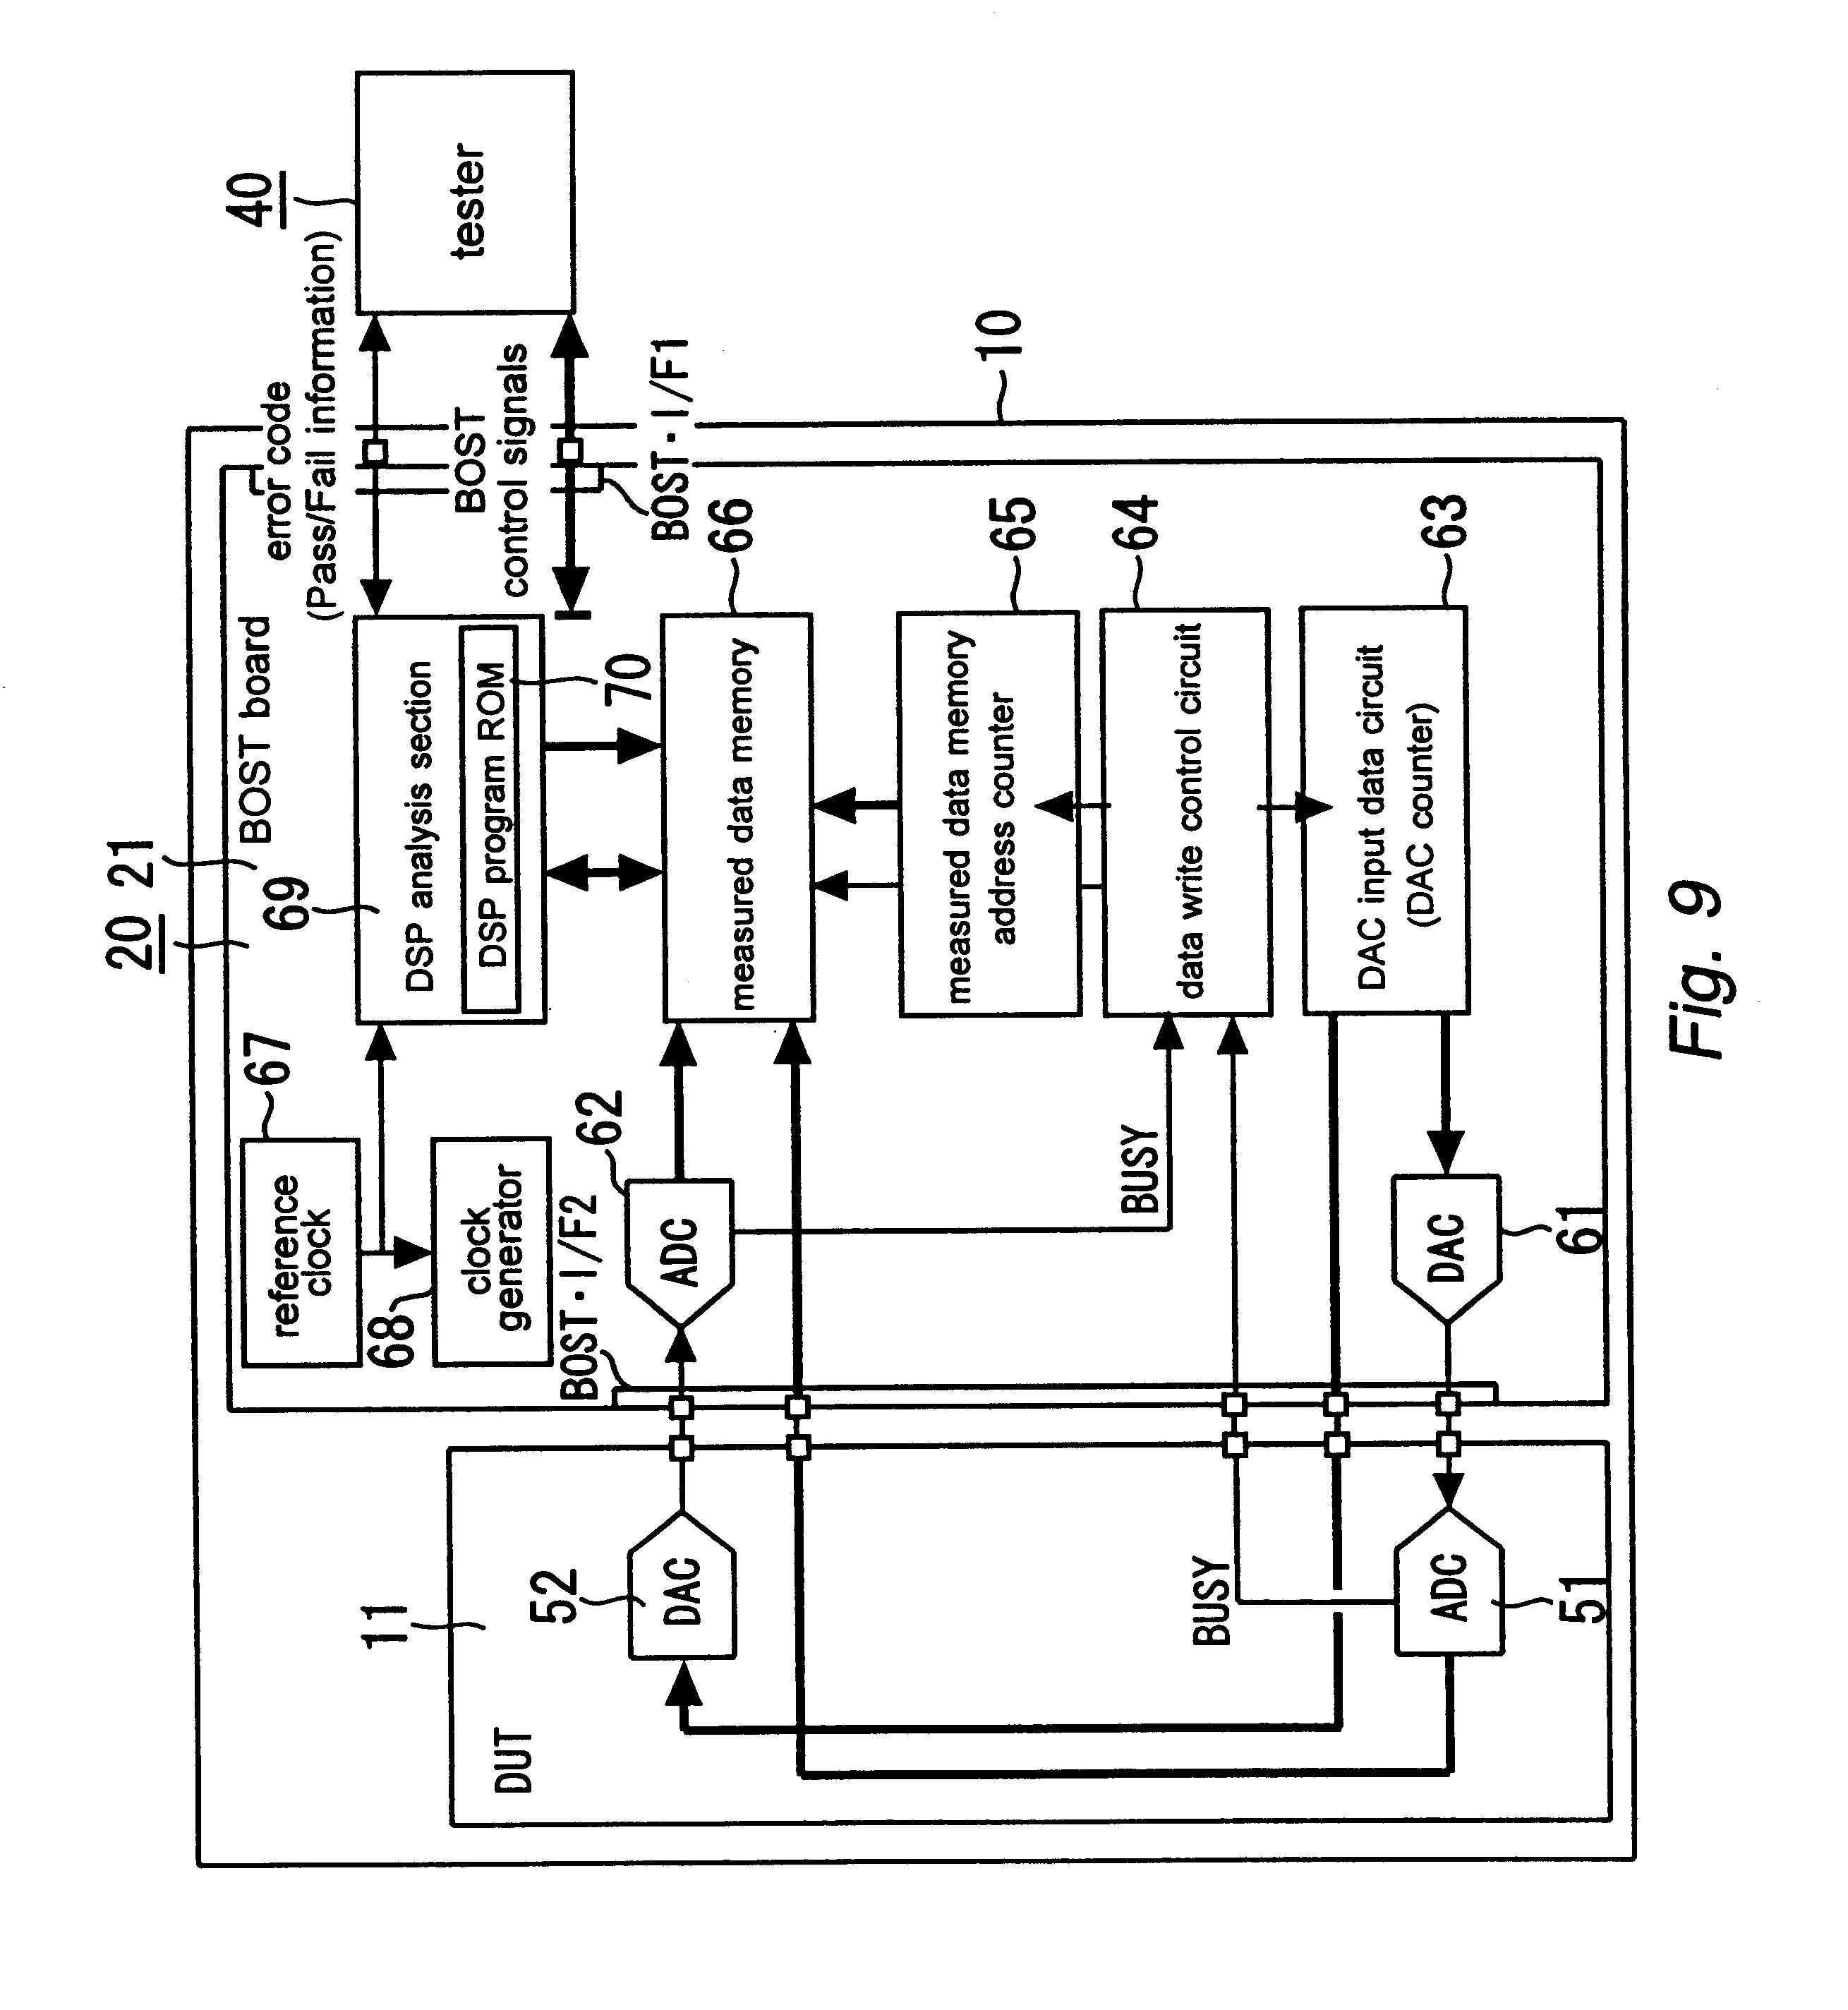 patent us6714888